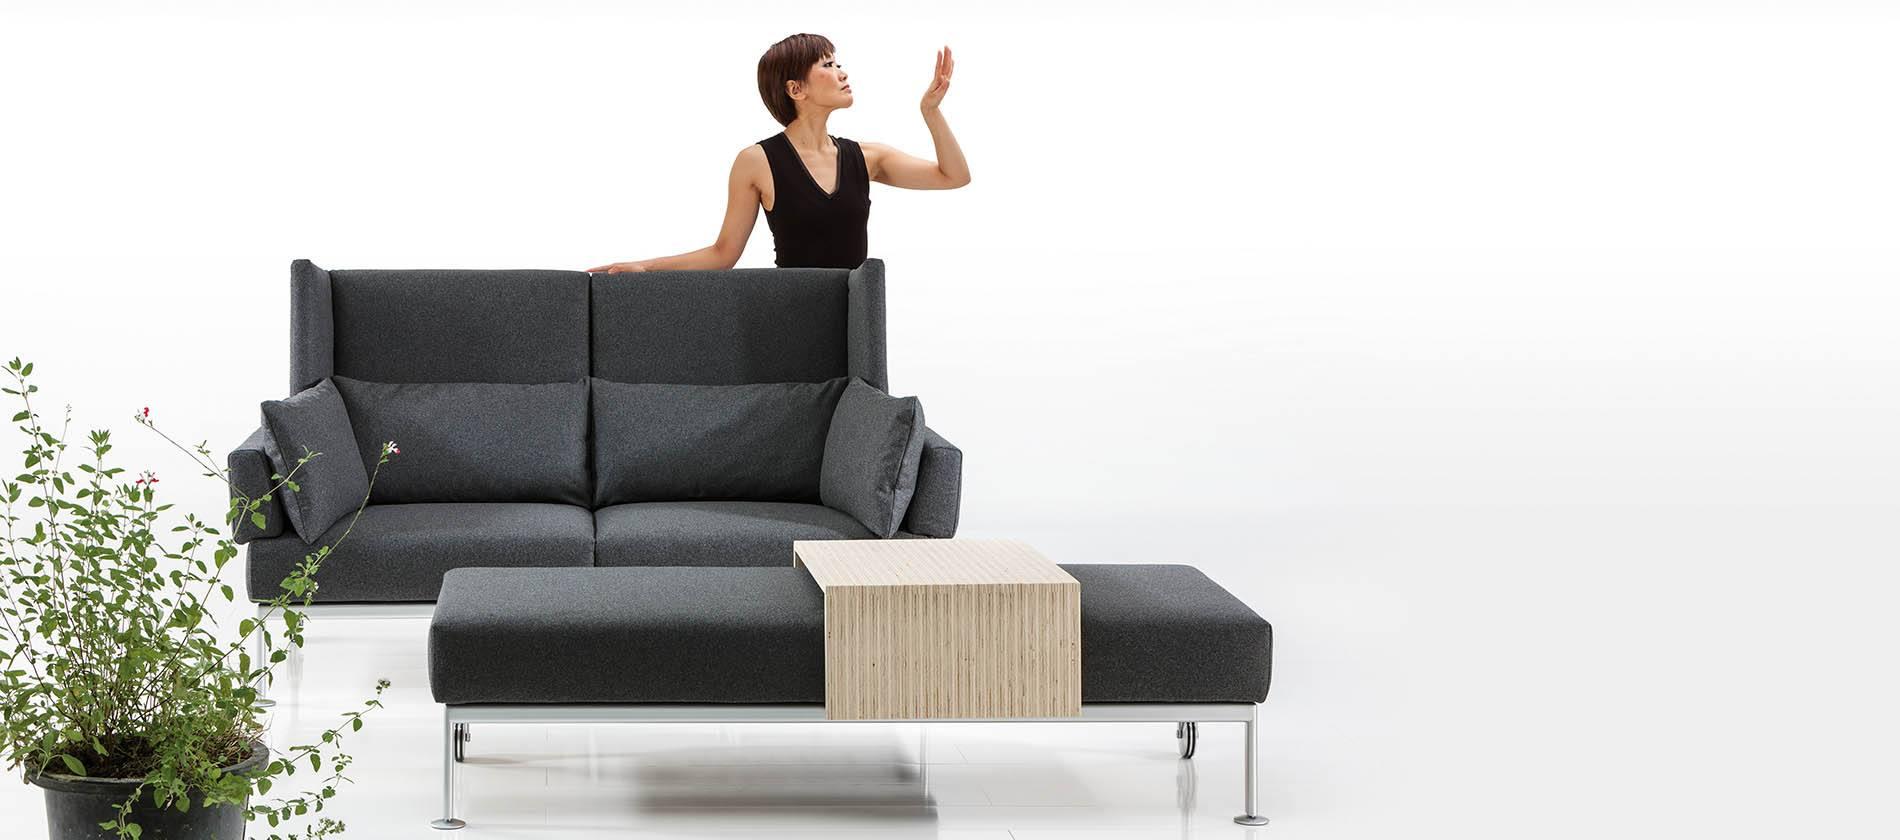 brhl on tour schlafsofa - Eckschlafsofa Die Praktischen Sofa Fur Ihren Komfort